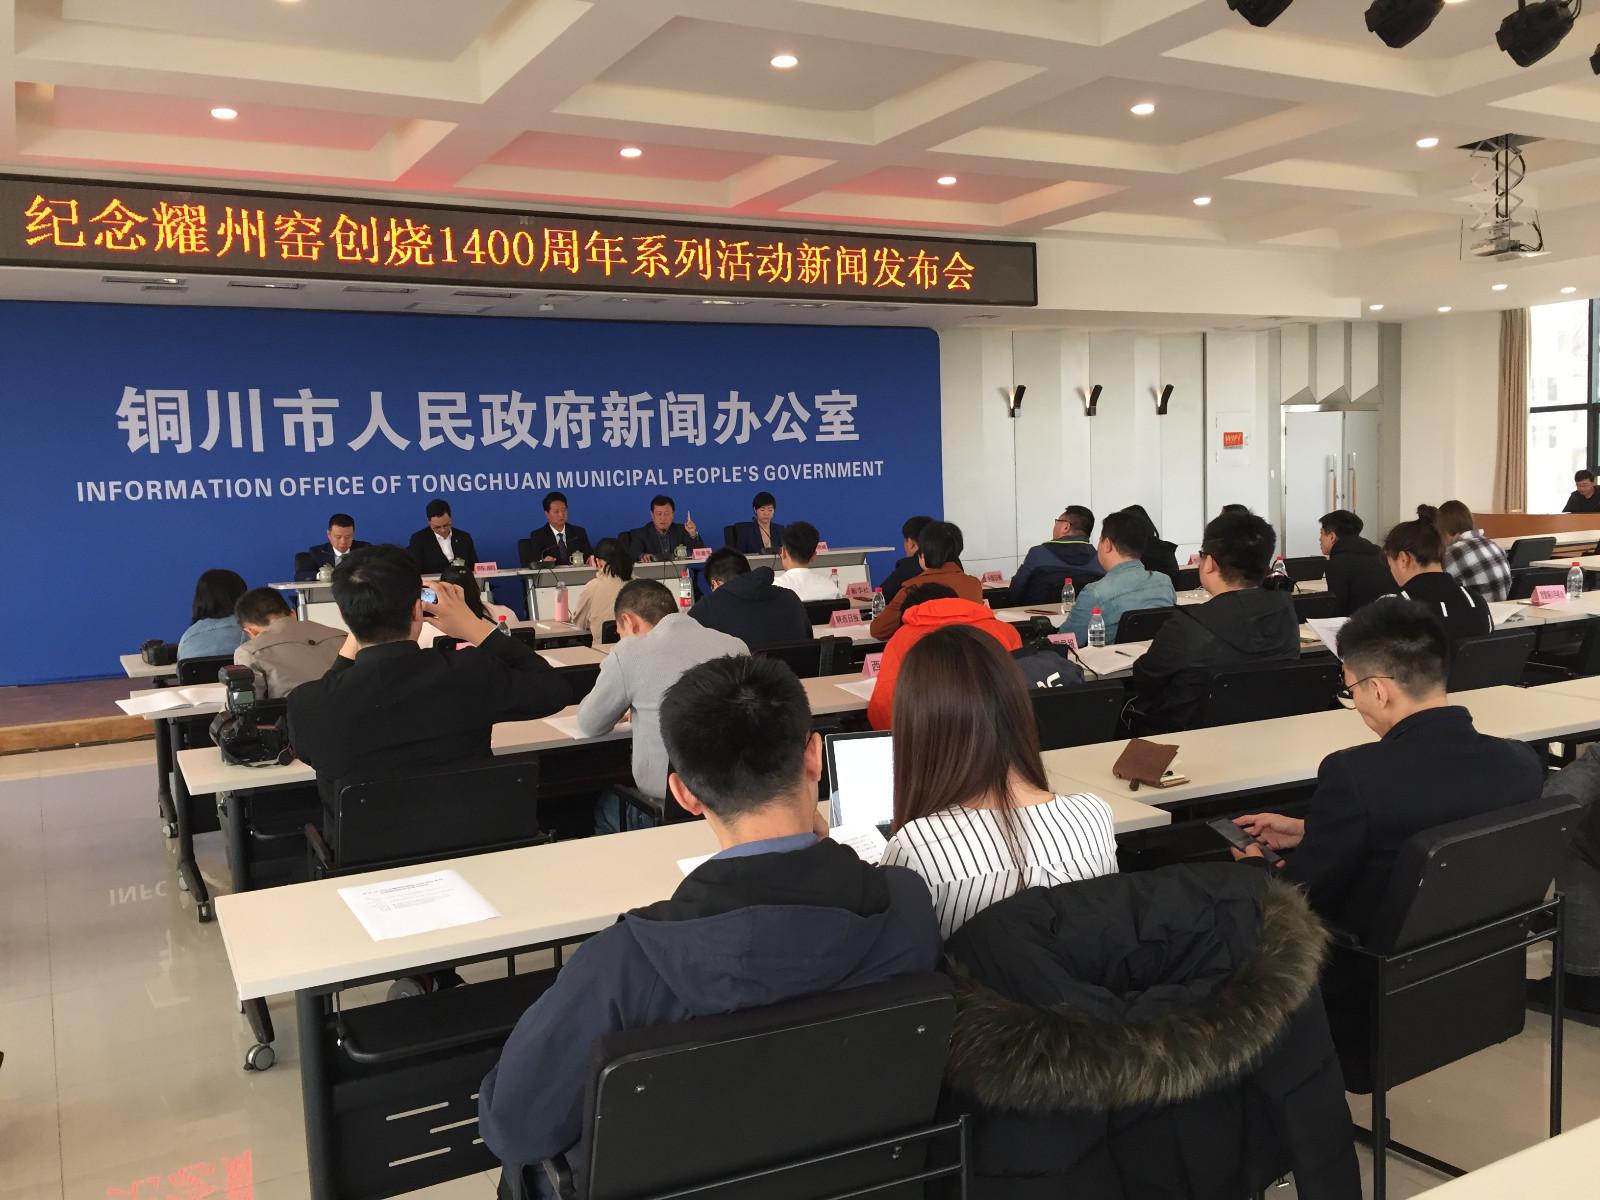 纪念耀州窑创烧1400周年 铜川将举办系列活动打造丝绸之路新瓷都